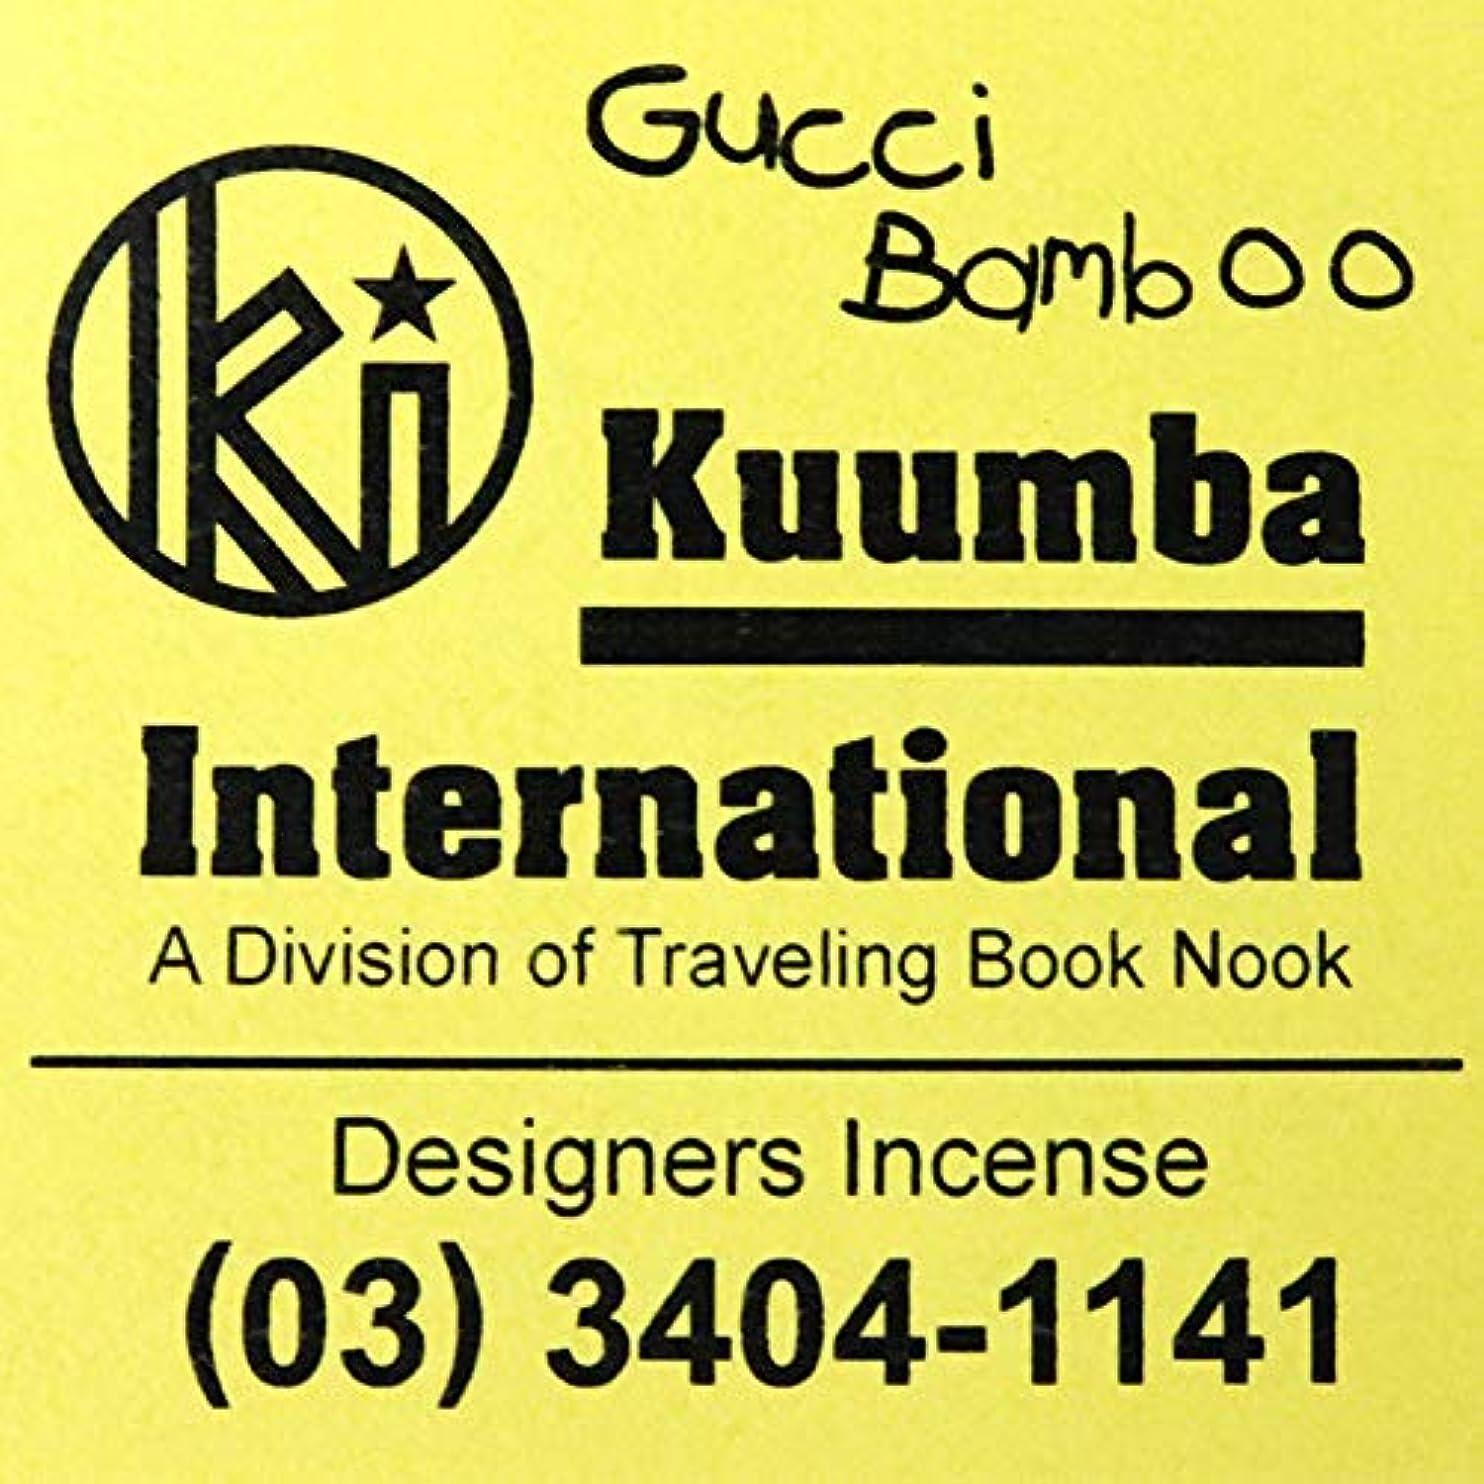 下品仮装異邦人KUUMBA (クンバ)『incense』(GUCCI BAMBOO) (GUCCI BAMBOO, Regular size)